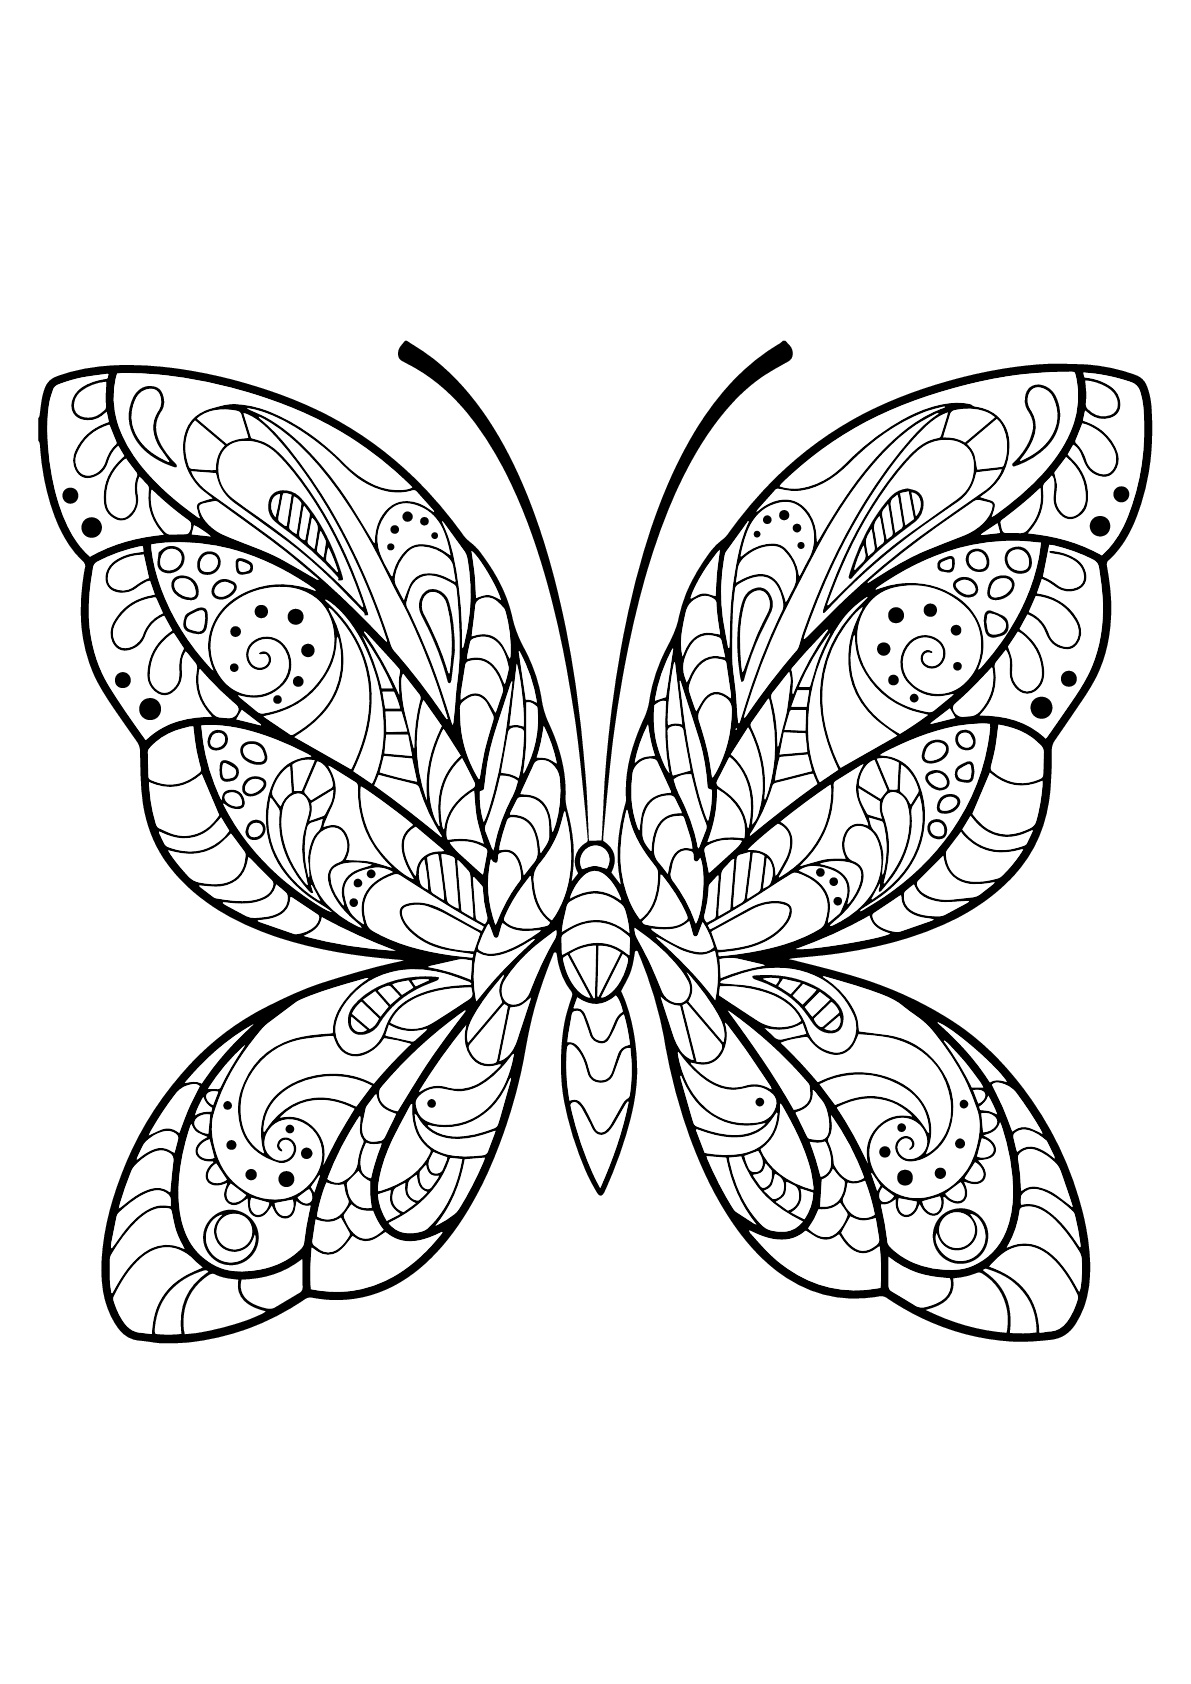 Insetti 61714 farfalle e insetti disegni da colorare - Dessin de petit papillon ...